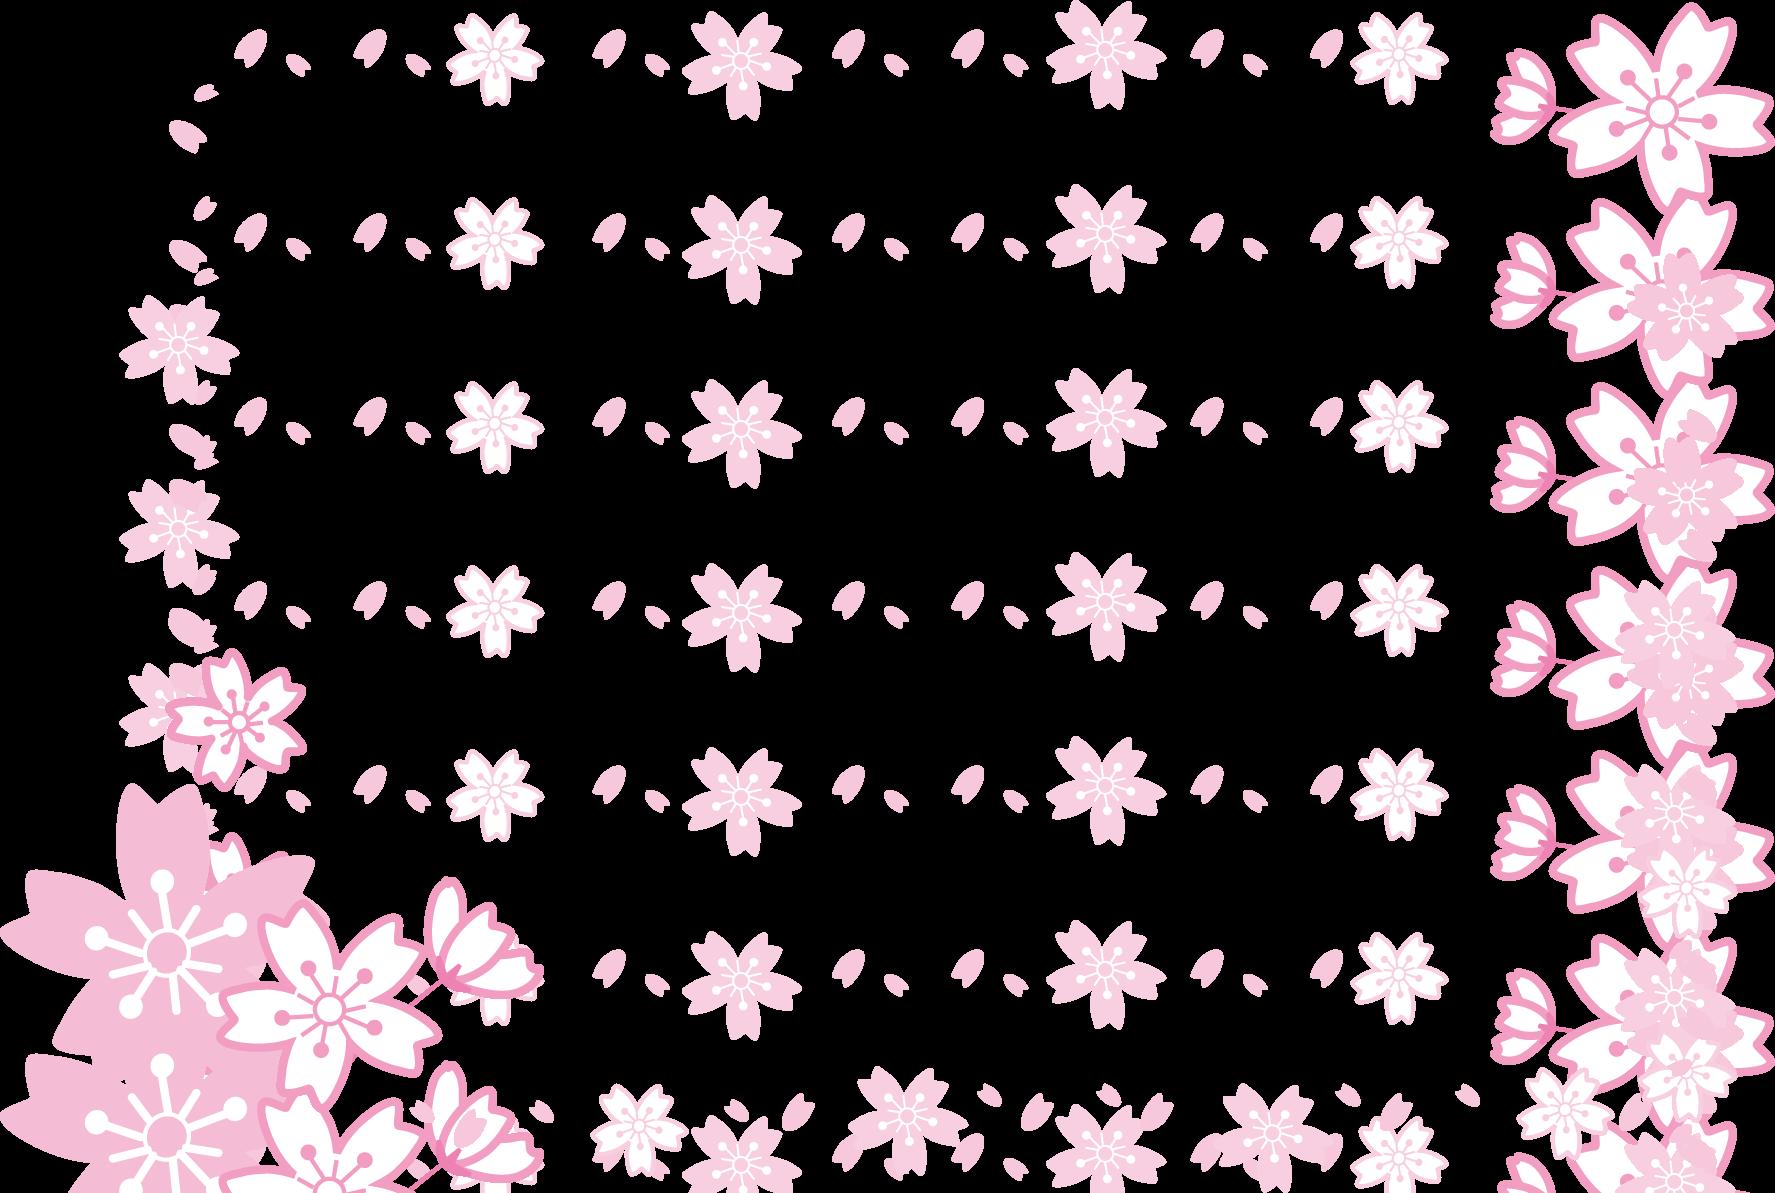 飾り枠・ライン・無料イラスト素材/桜